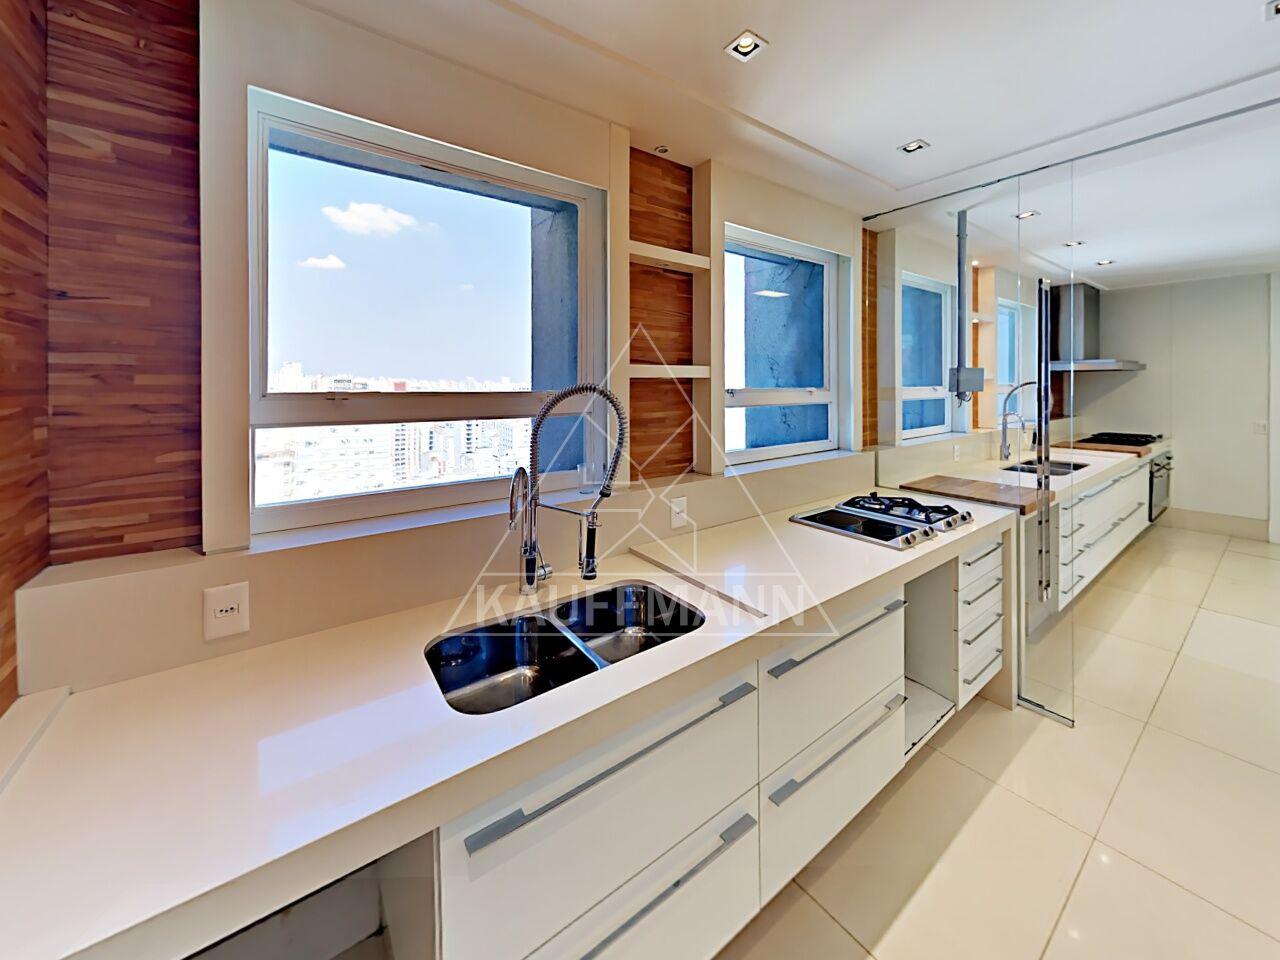 apartamento-venda-sao-paulo-jardim-america-regency-6dormitorios-6suites-7vagas-1099m2-Foto46